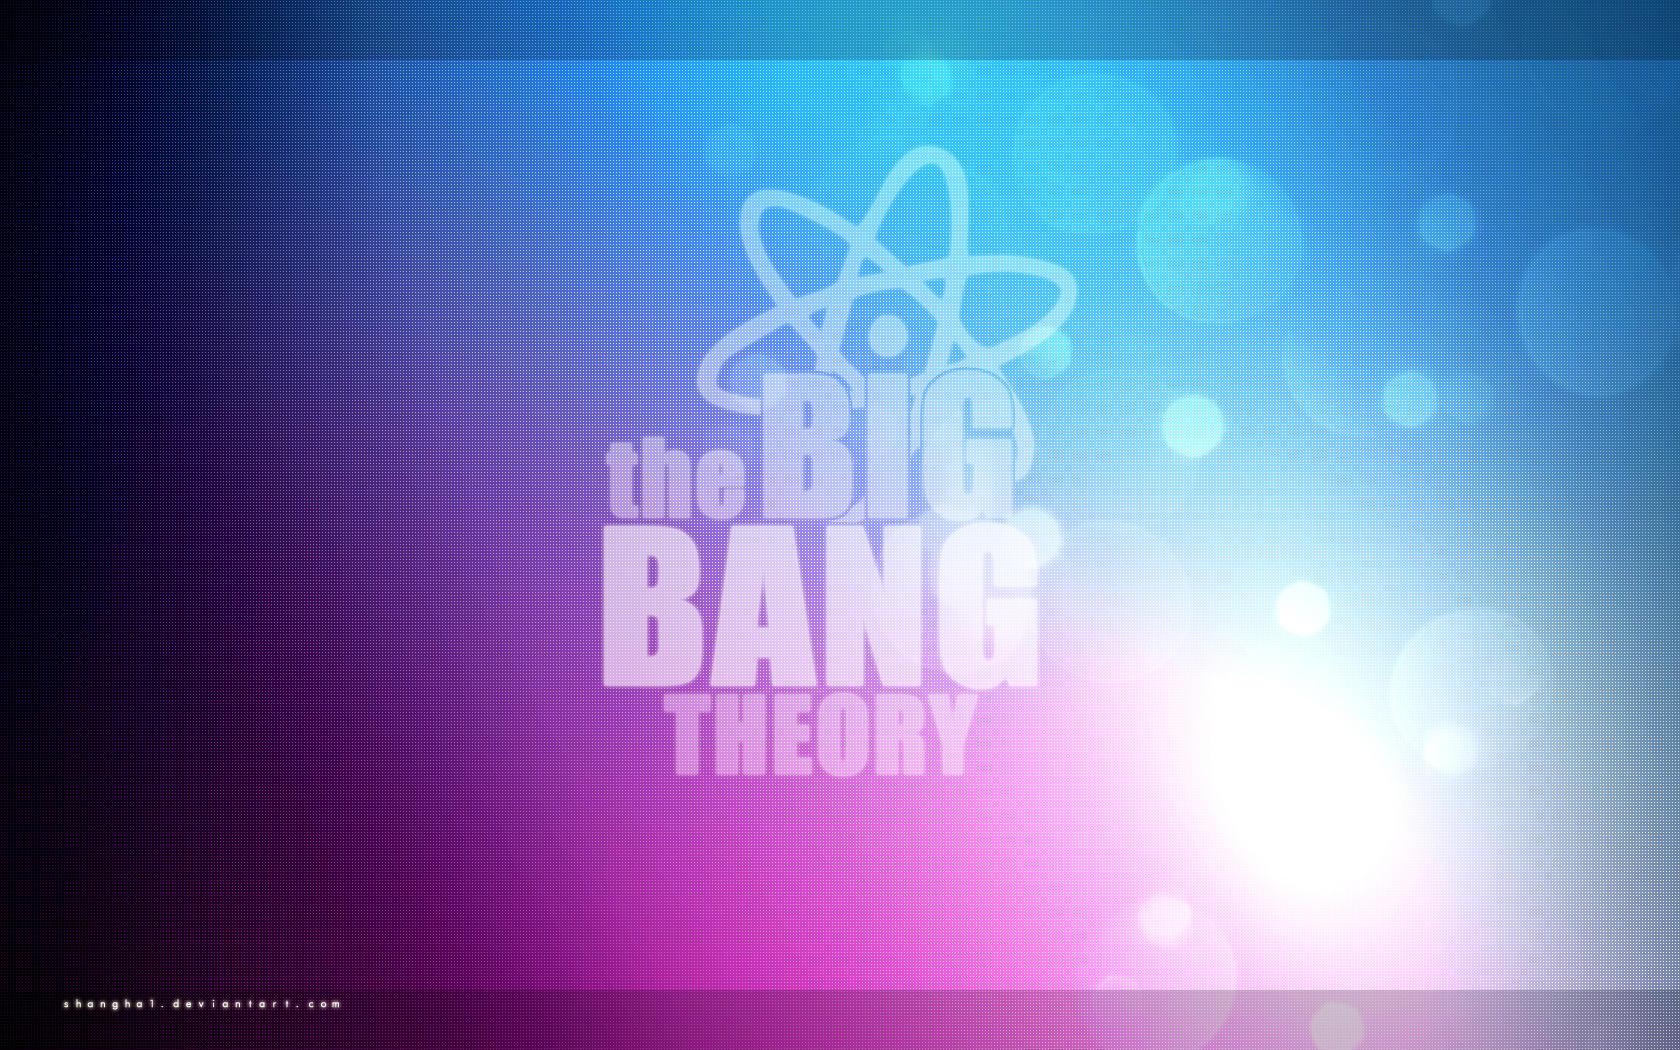 Big Bang Theory Wallpaper by shangha1 on DeviantArt